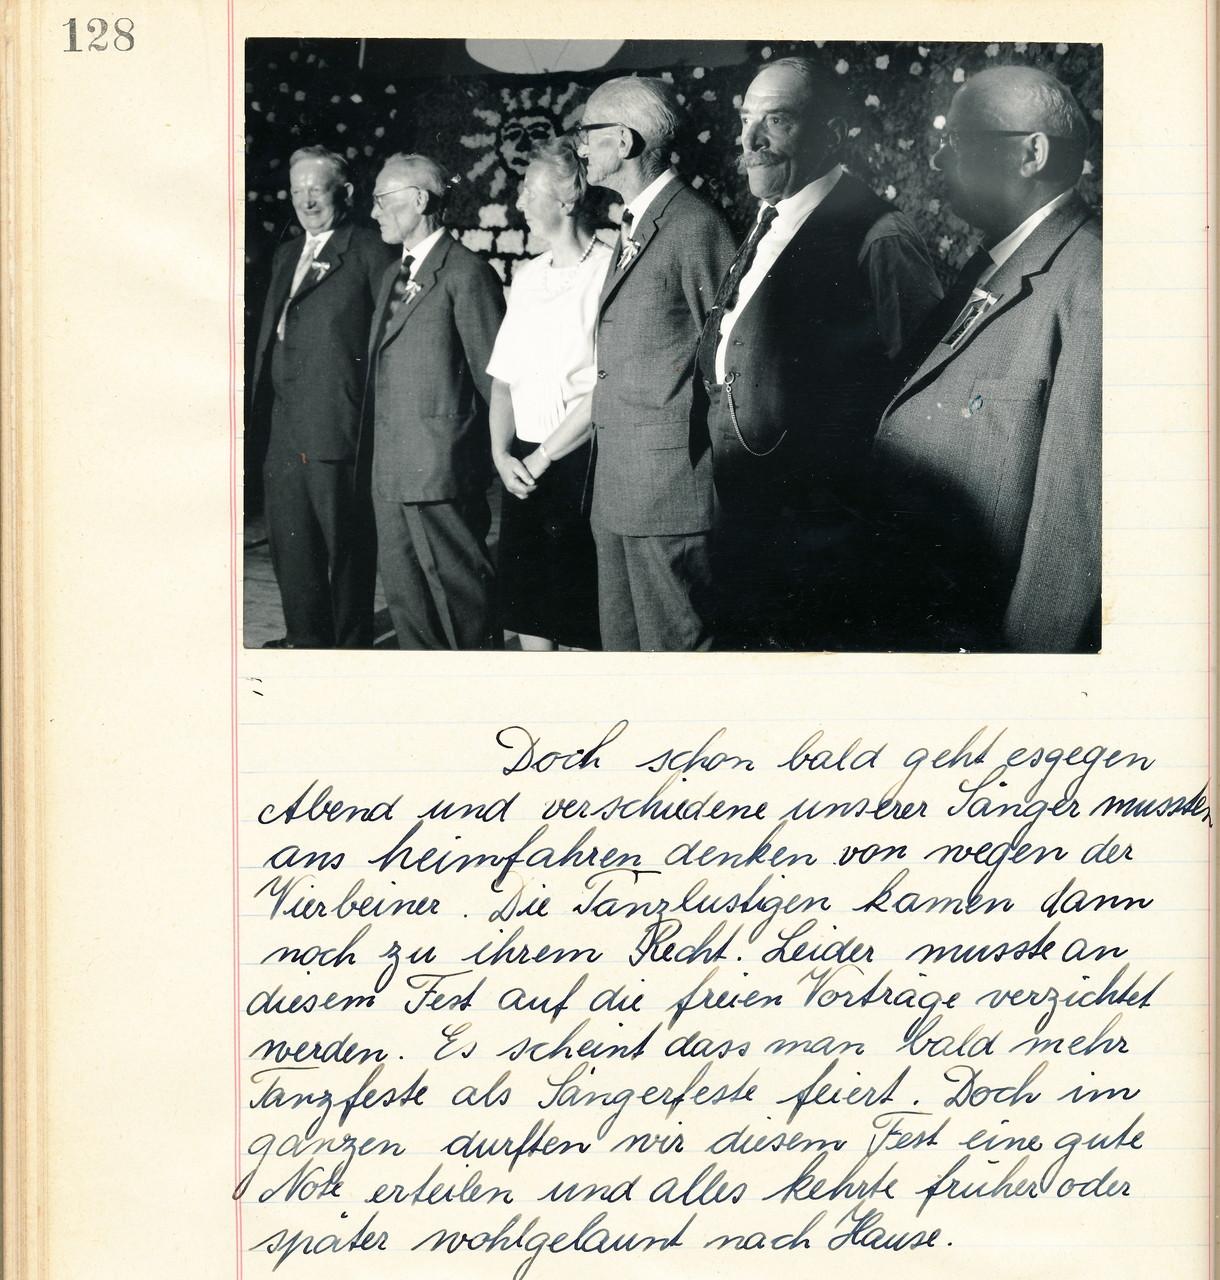 50 Jahre Mitglied im MCB / Veteranenehrung von Dirigent Ruedi Mäder und seinem Bruder Alfred Mäder::1962